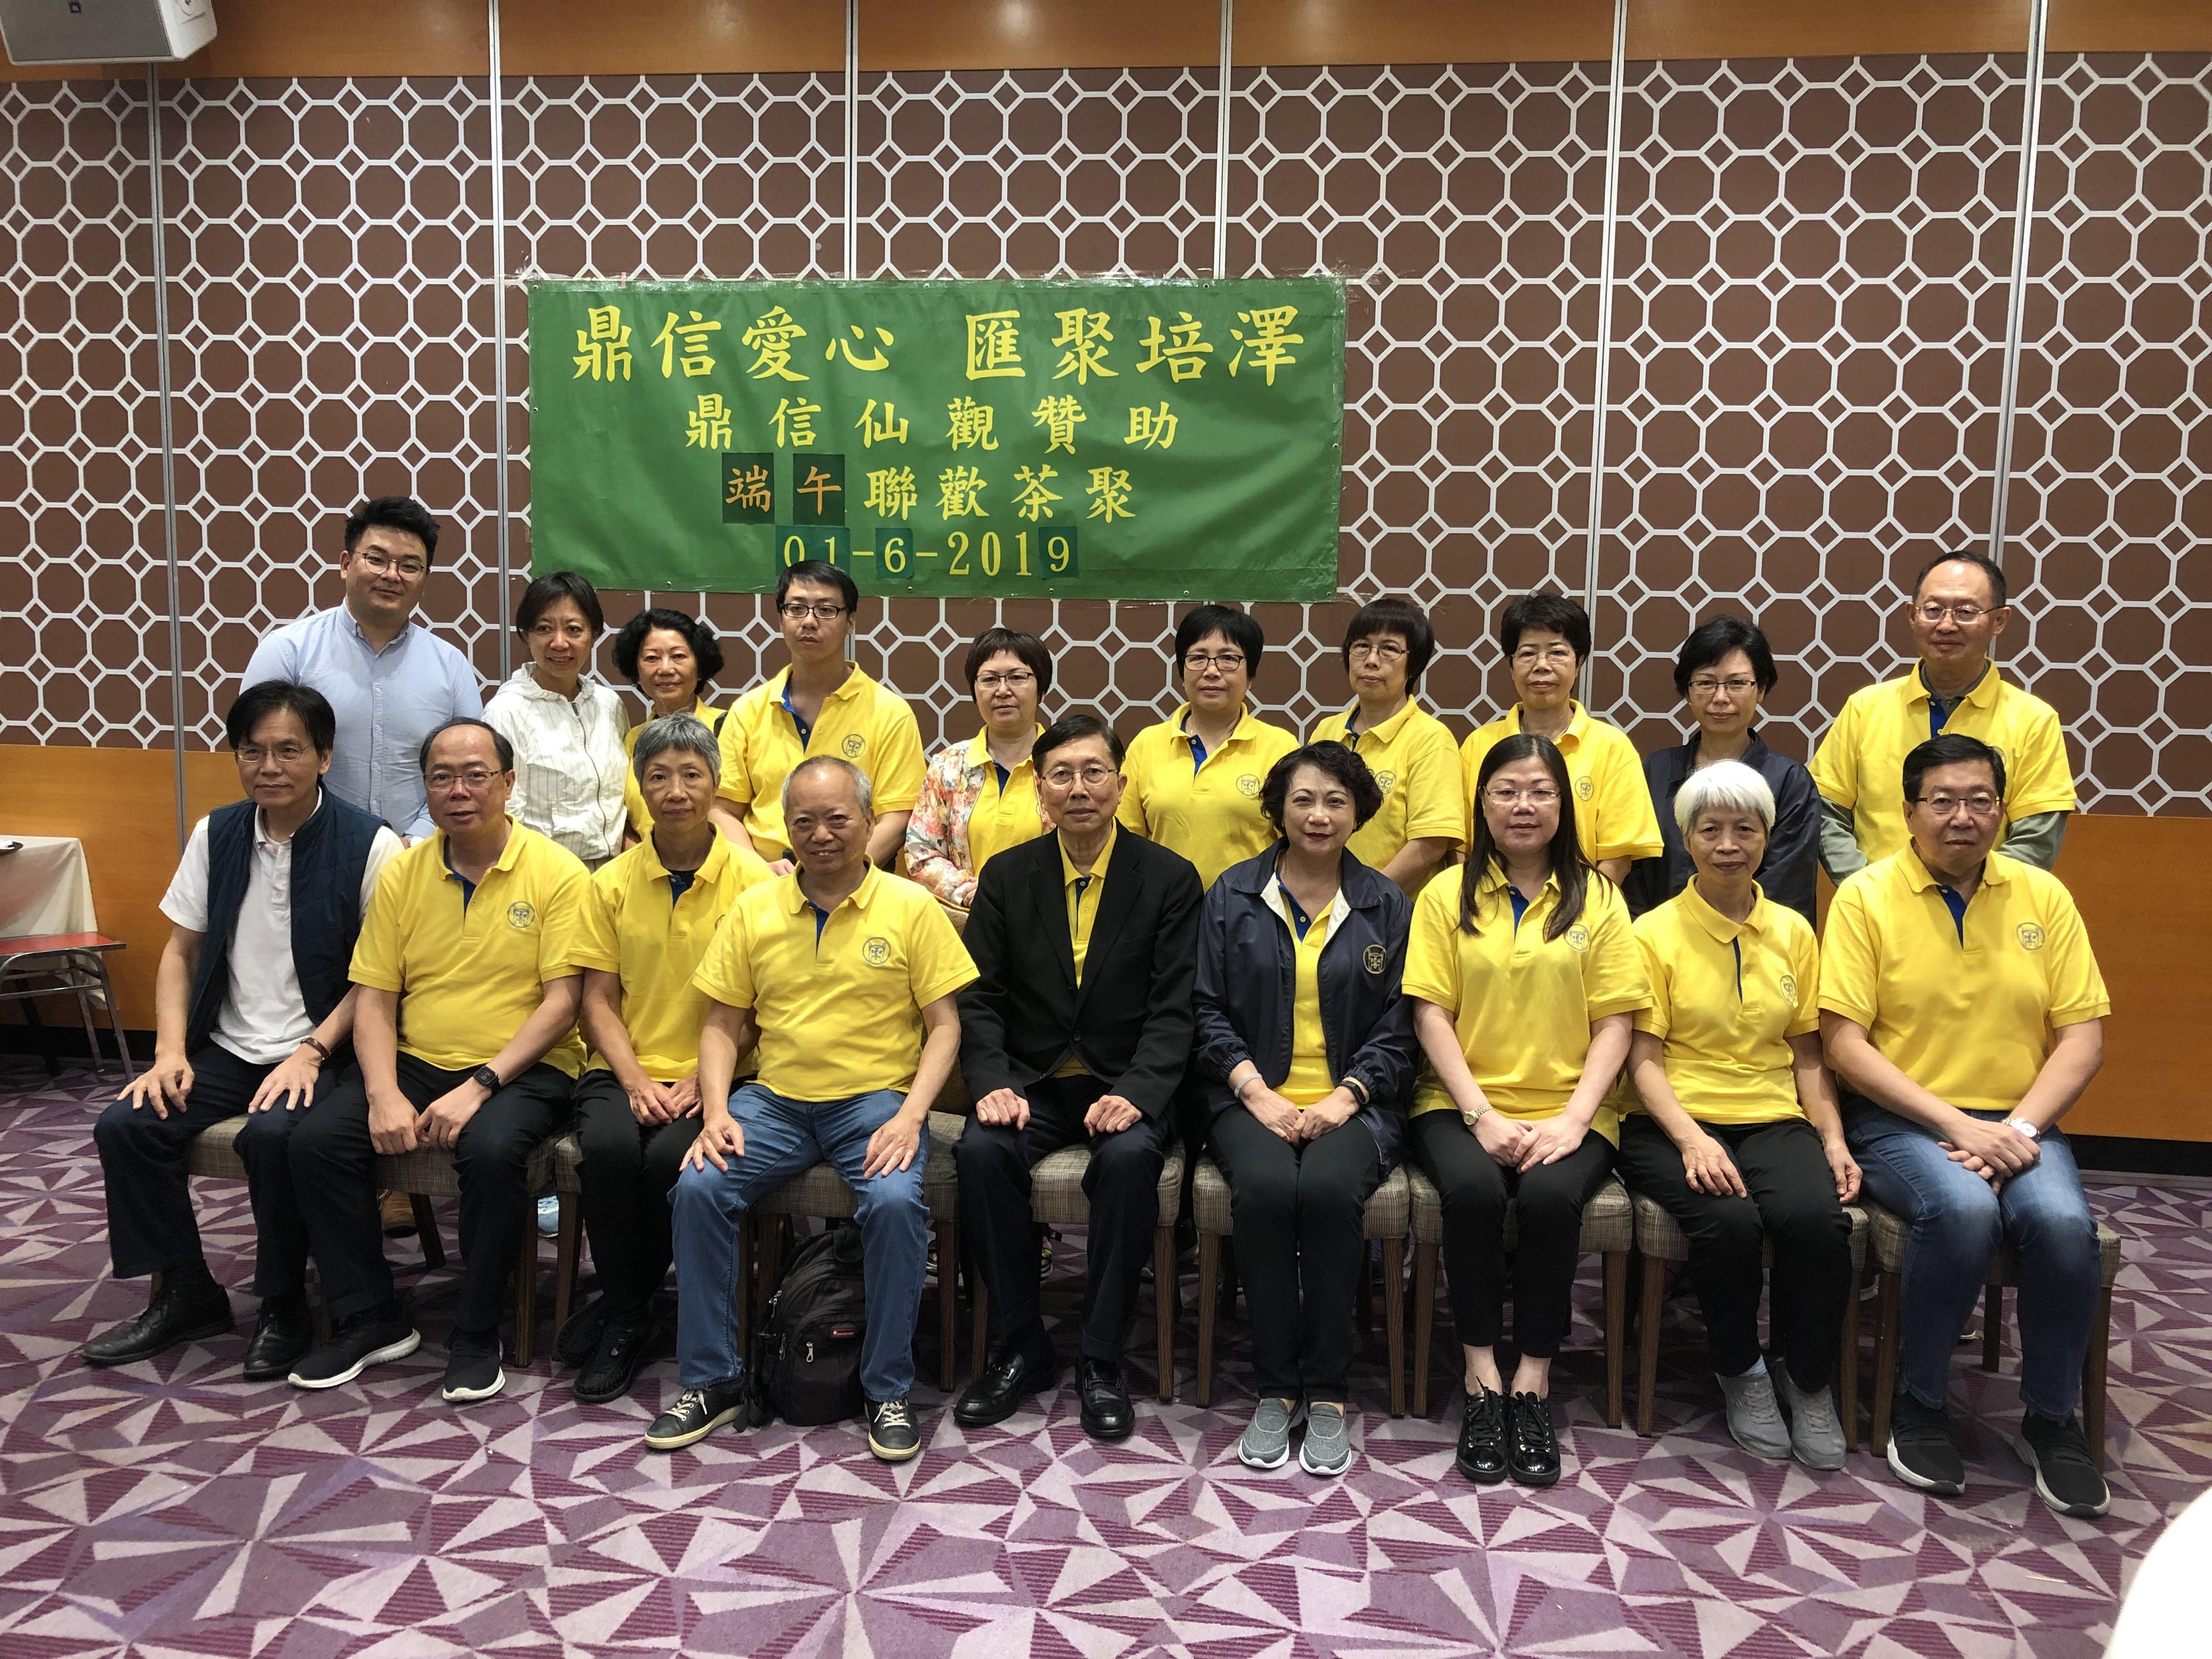 2019探訪培澤協進會之長者及弱智中心,舉辦端午茶聚1.jpg